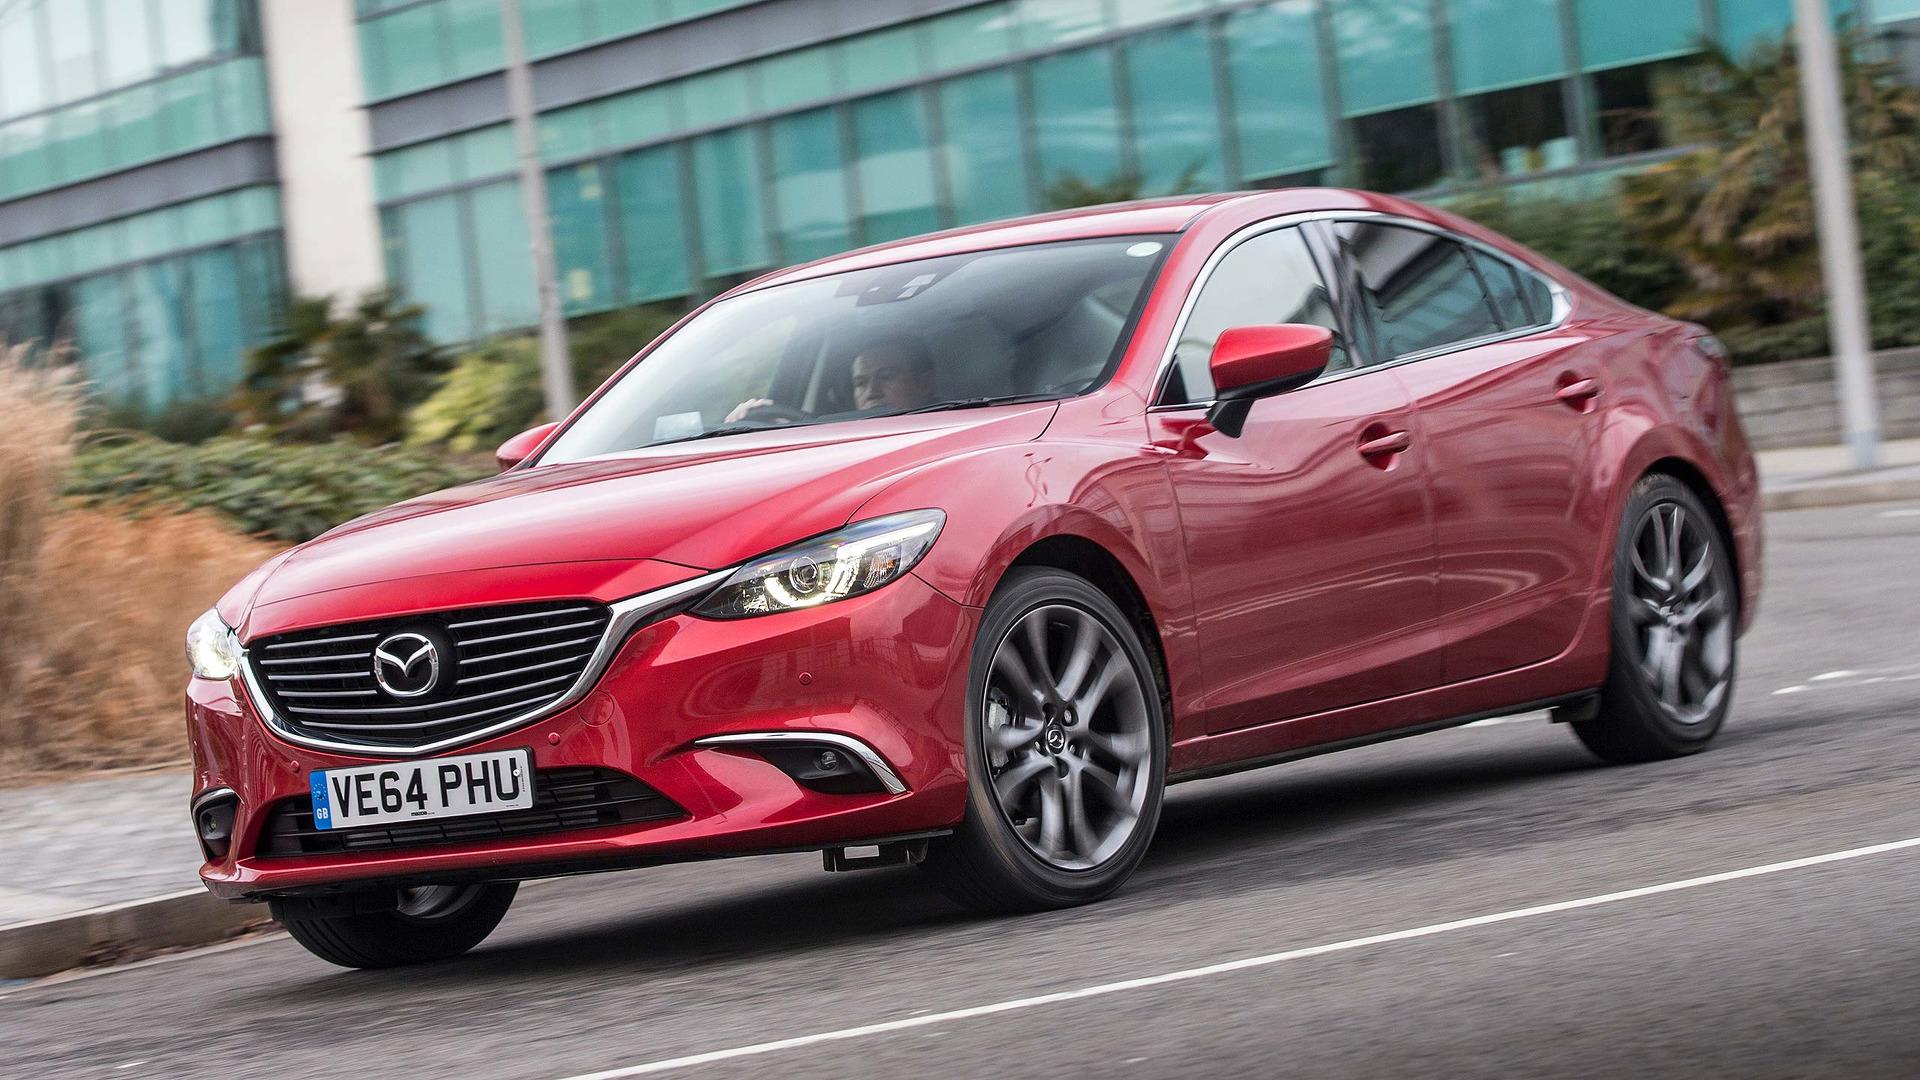 Kelebihan Kekurangan Mazda 6 2017 Spesifikasi